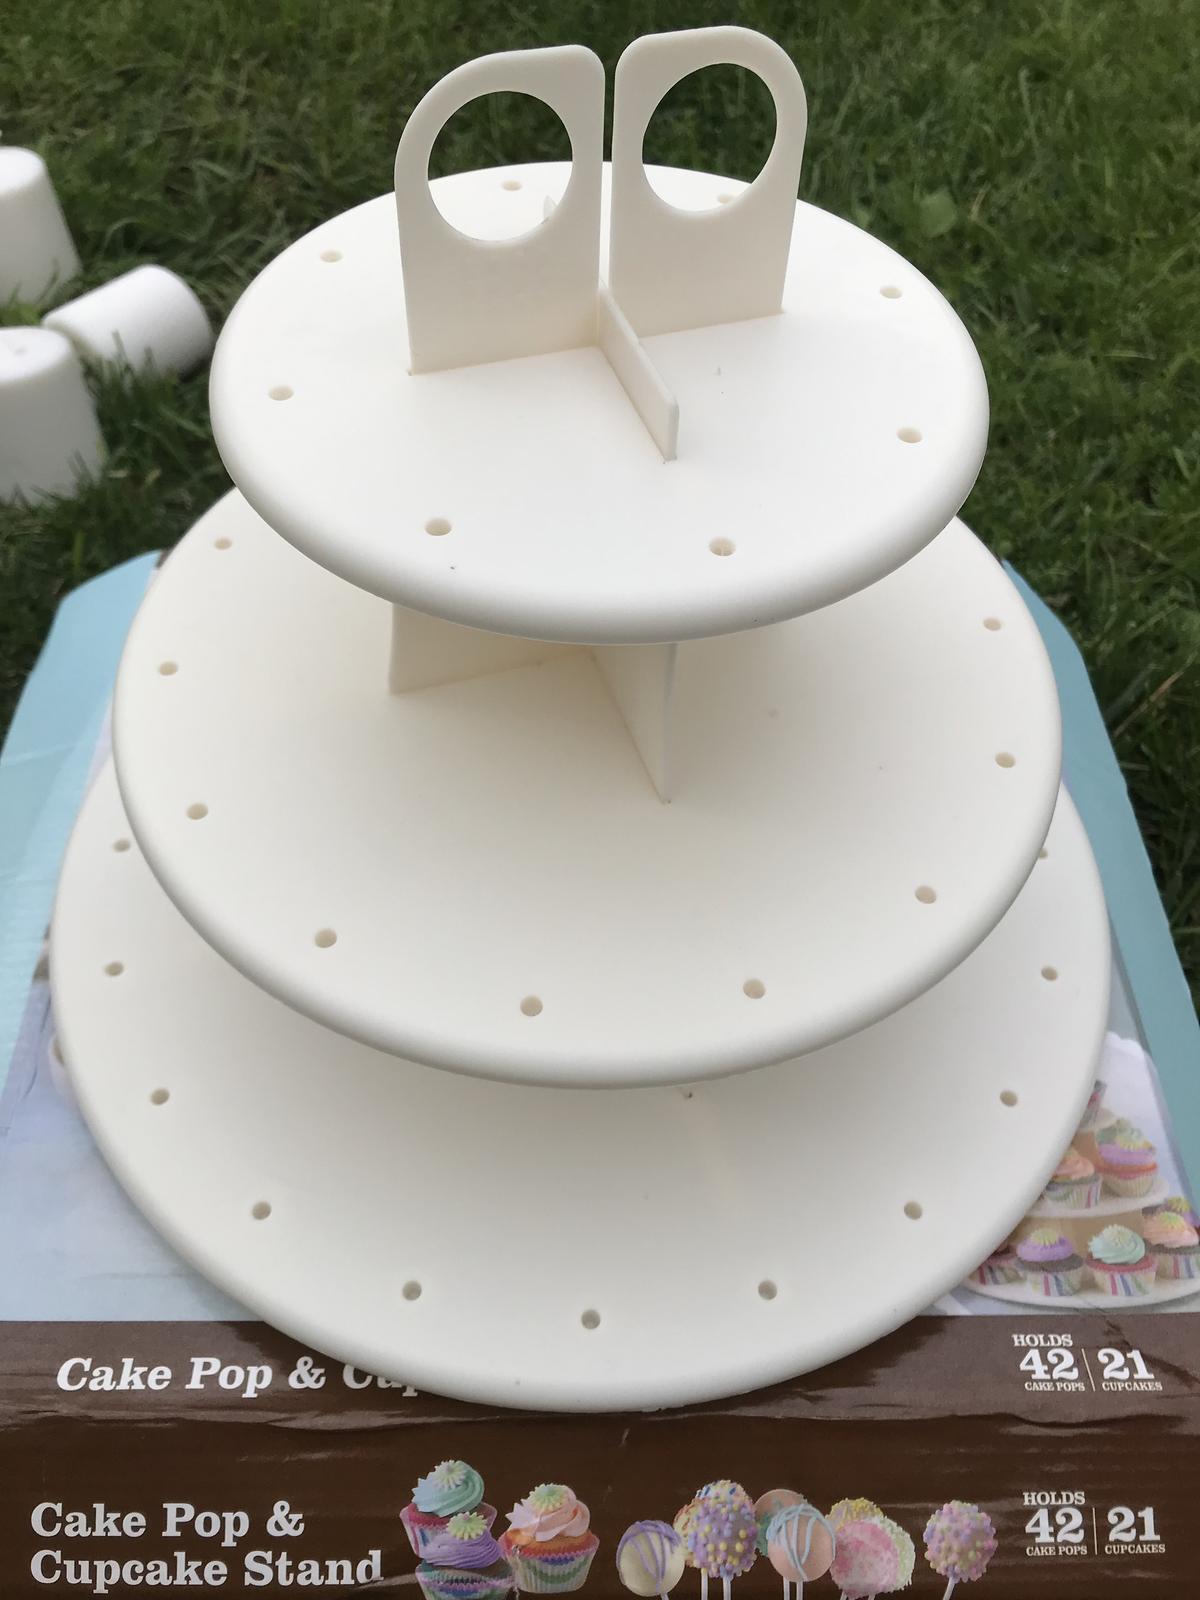 Stojan na popcakes, cupcakes nebo cokoliv jiného  - Obrázek č. 1